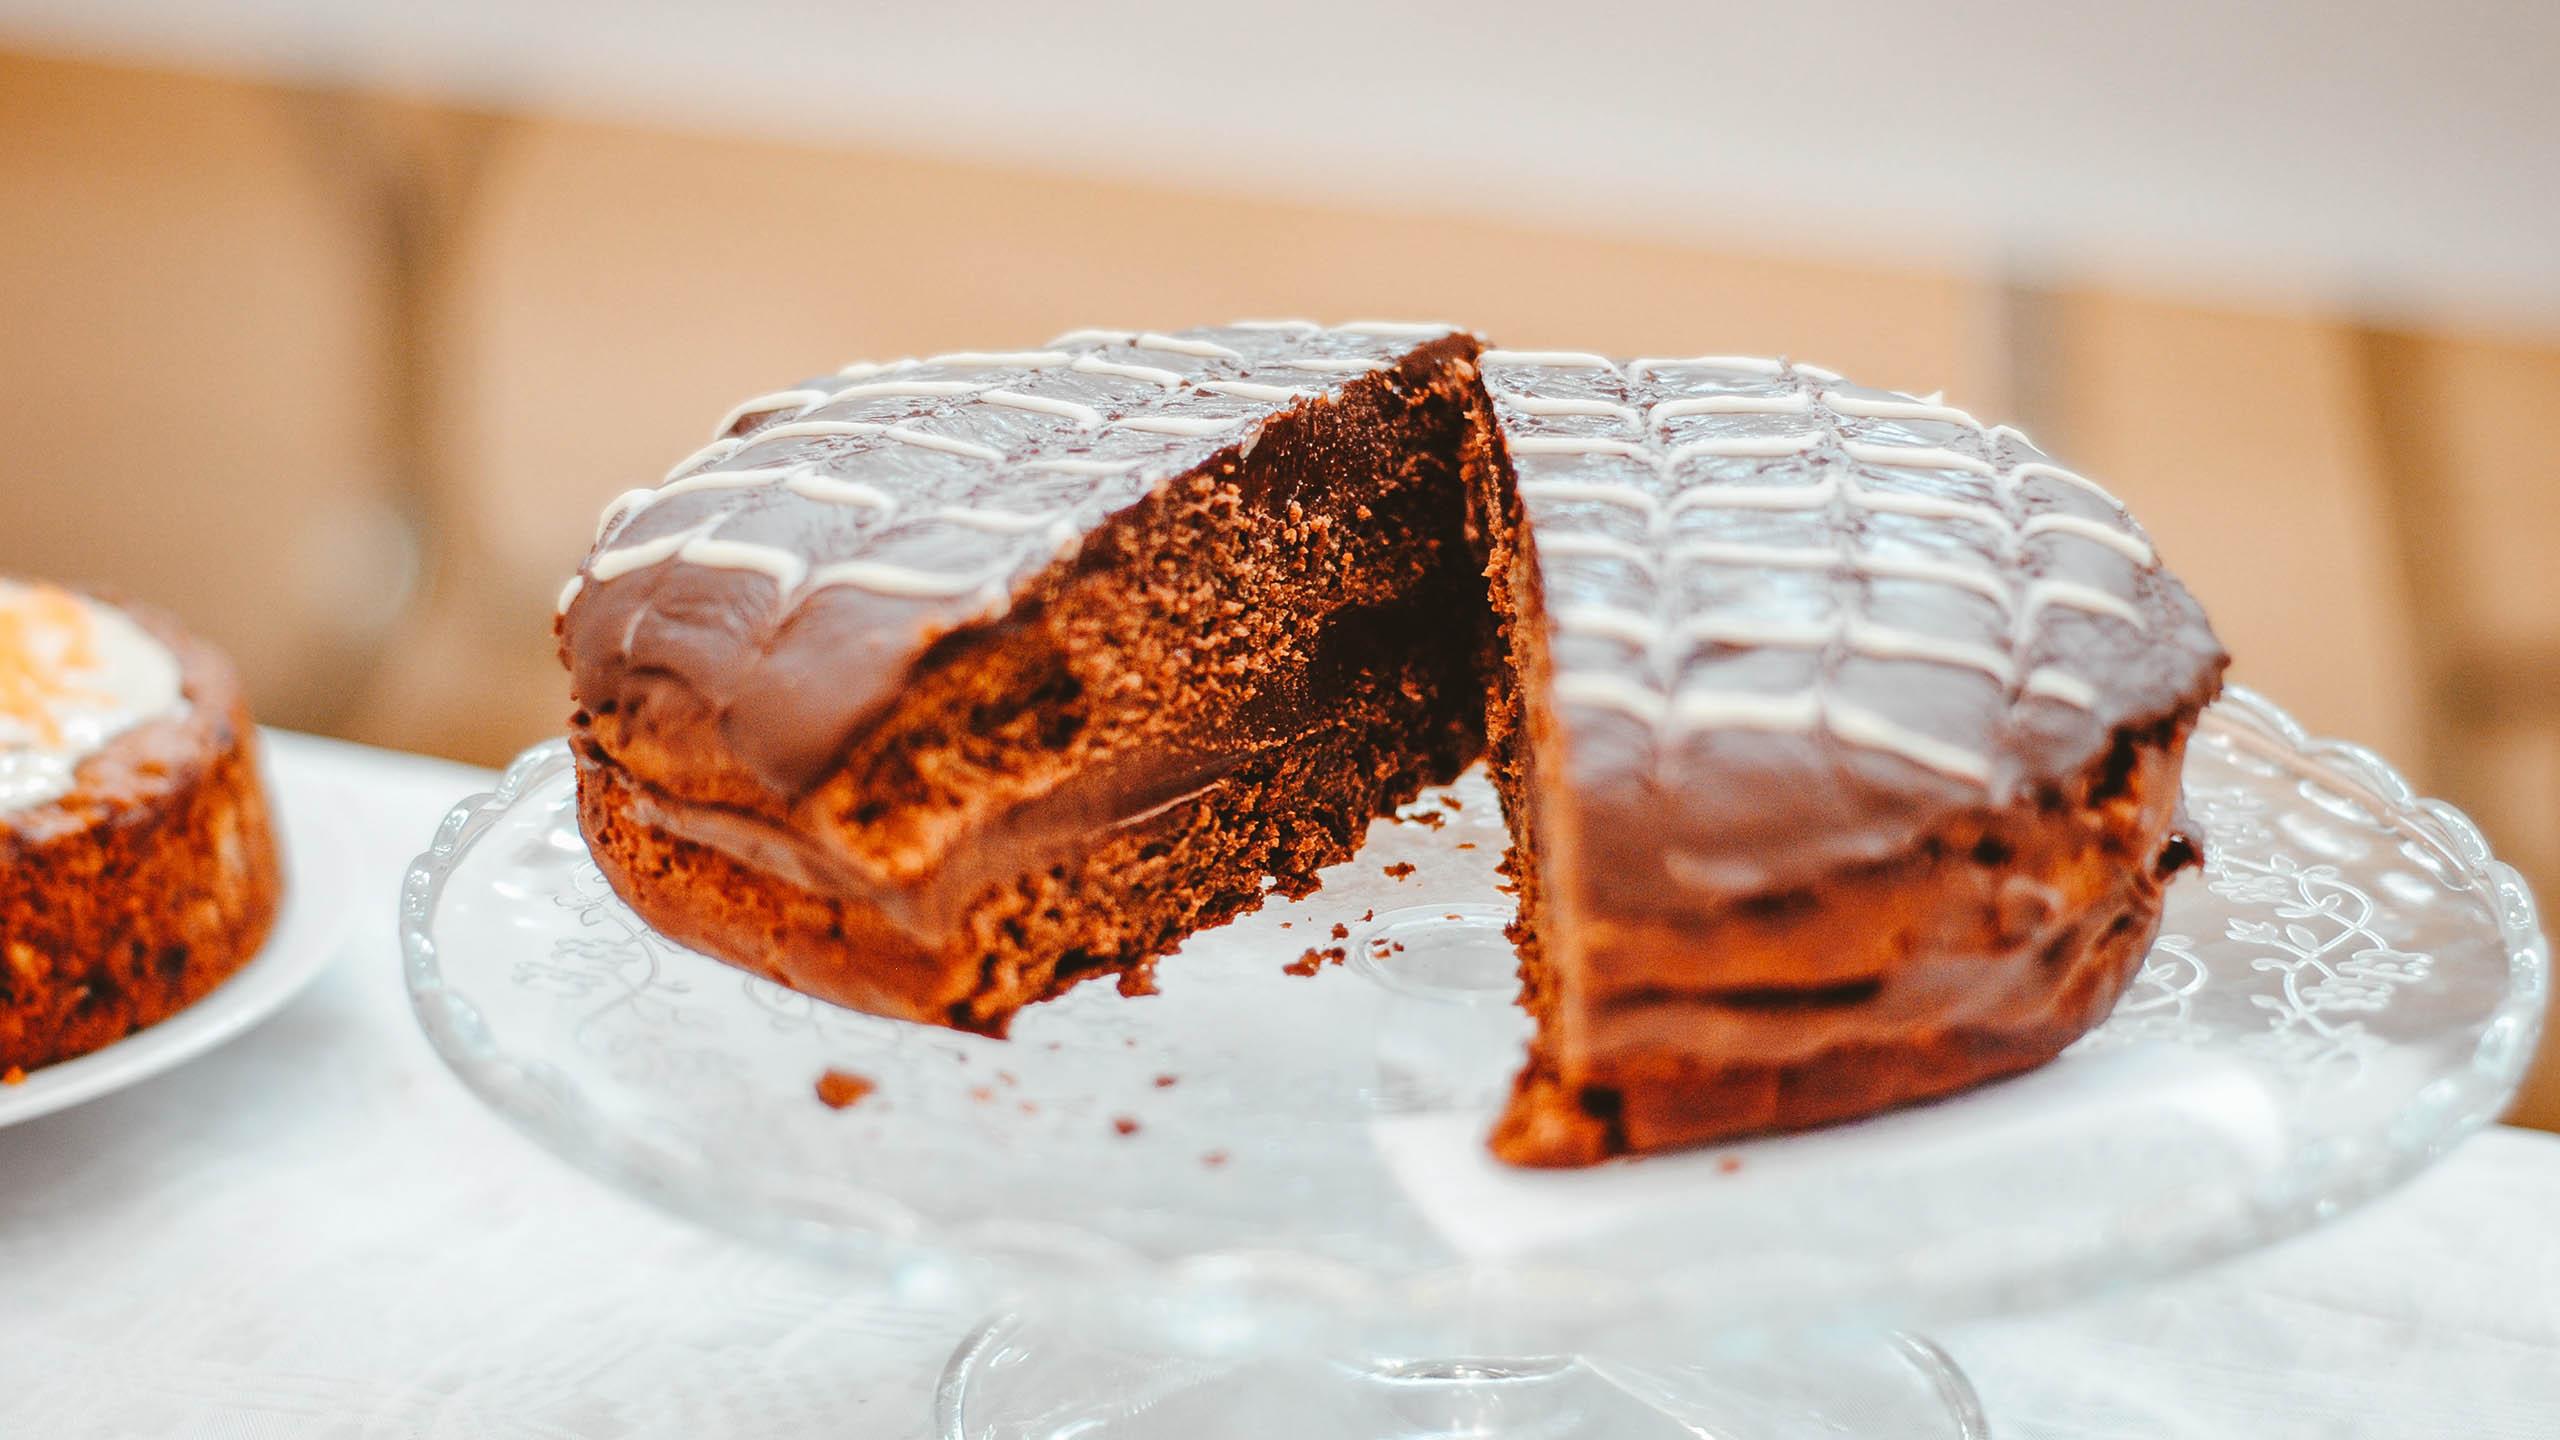 torta de chocolate, pastel de chocolate, chocolate, postre